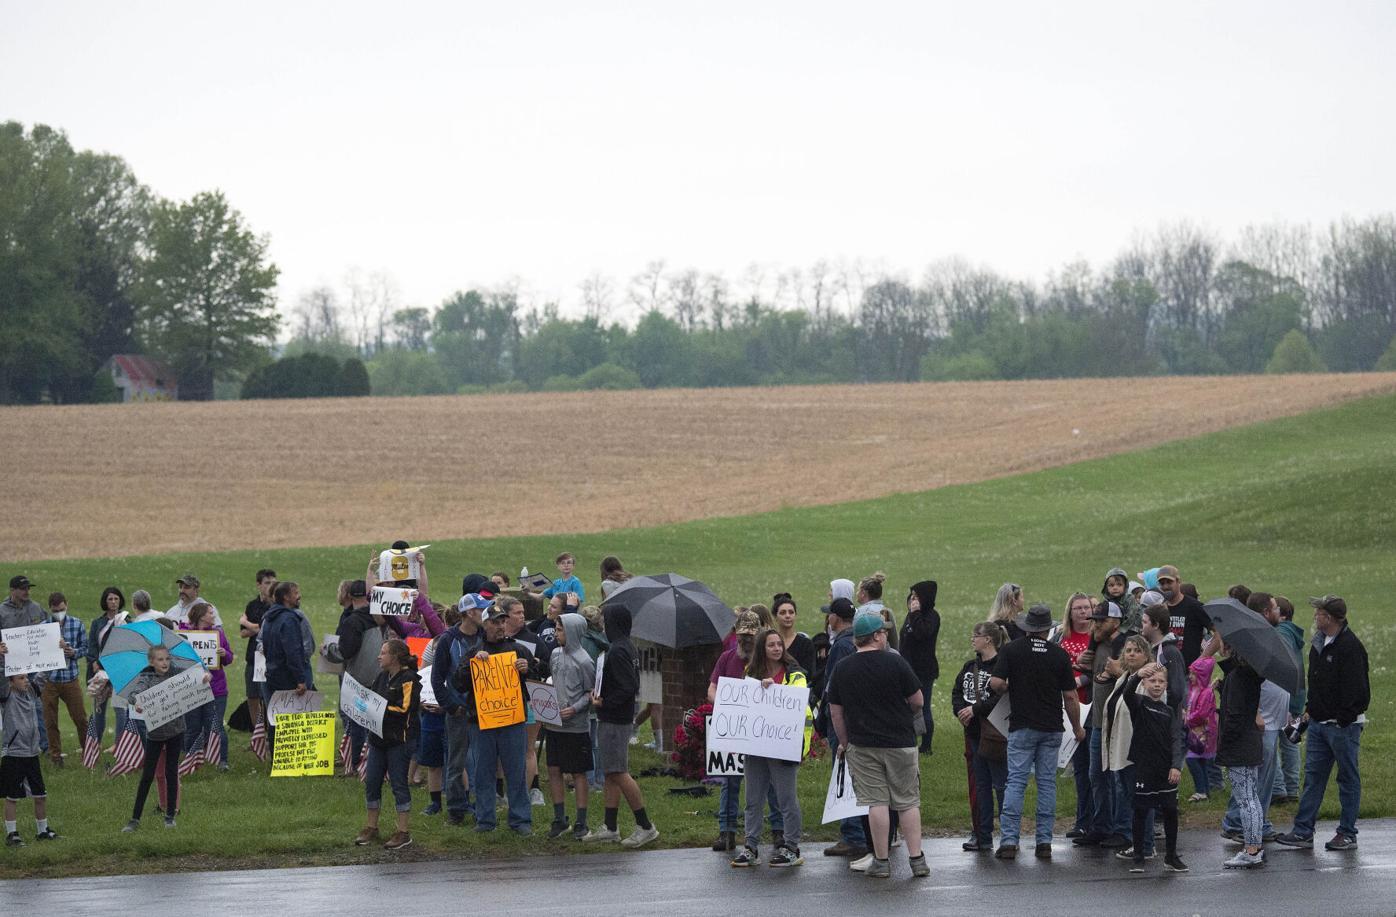 Anti-Mask Protest-Solanco School District